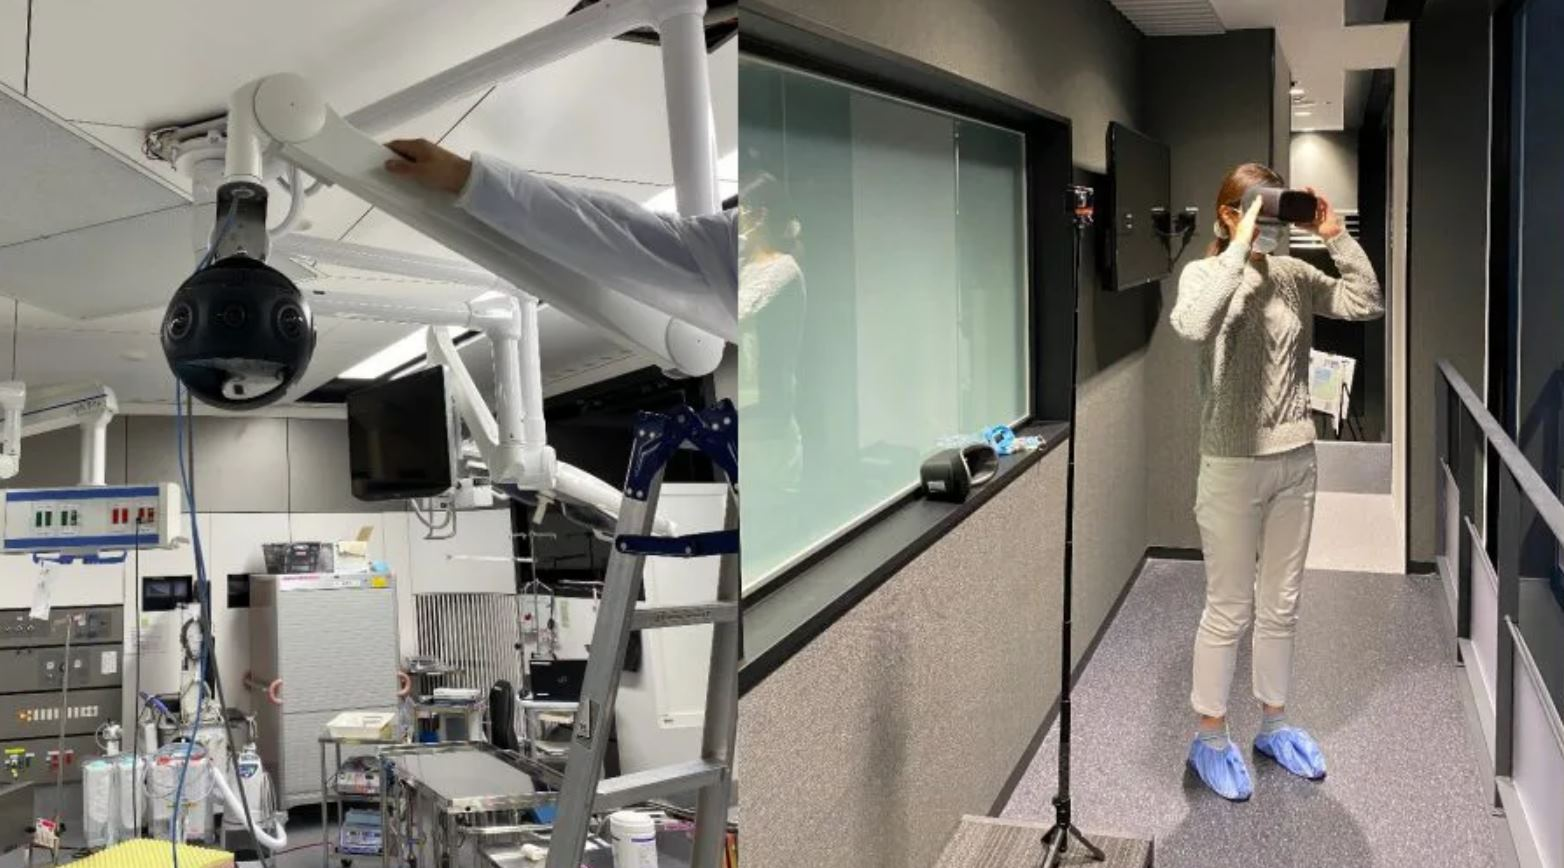 Realidad Virtual para transmitir cirugías reales en vivo a los estudiantes de medicina